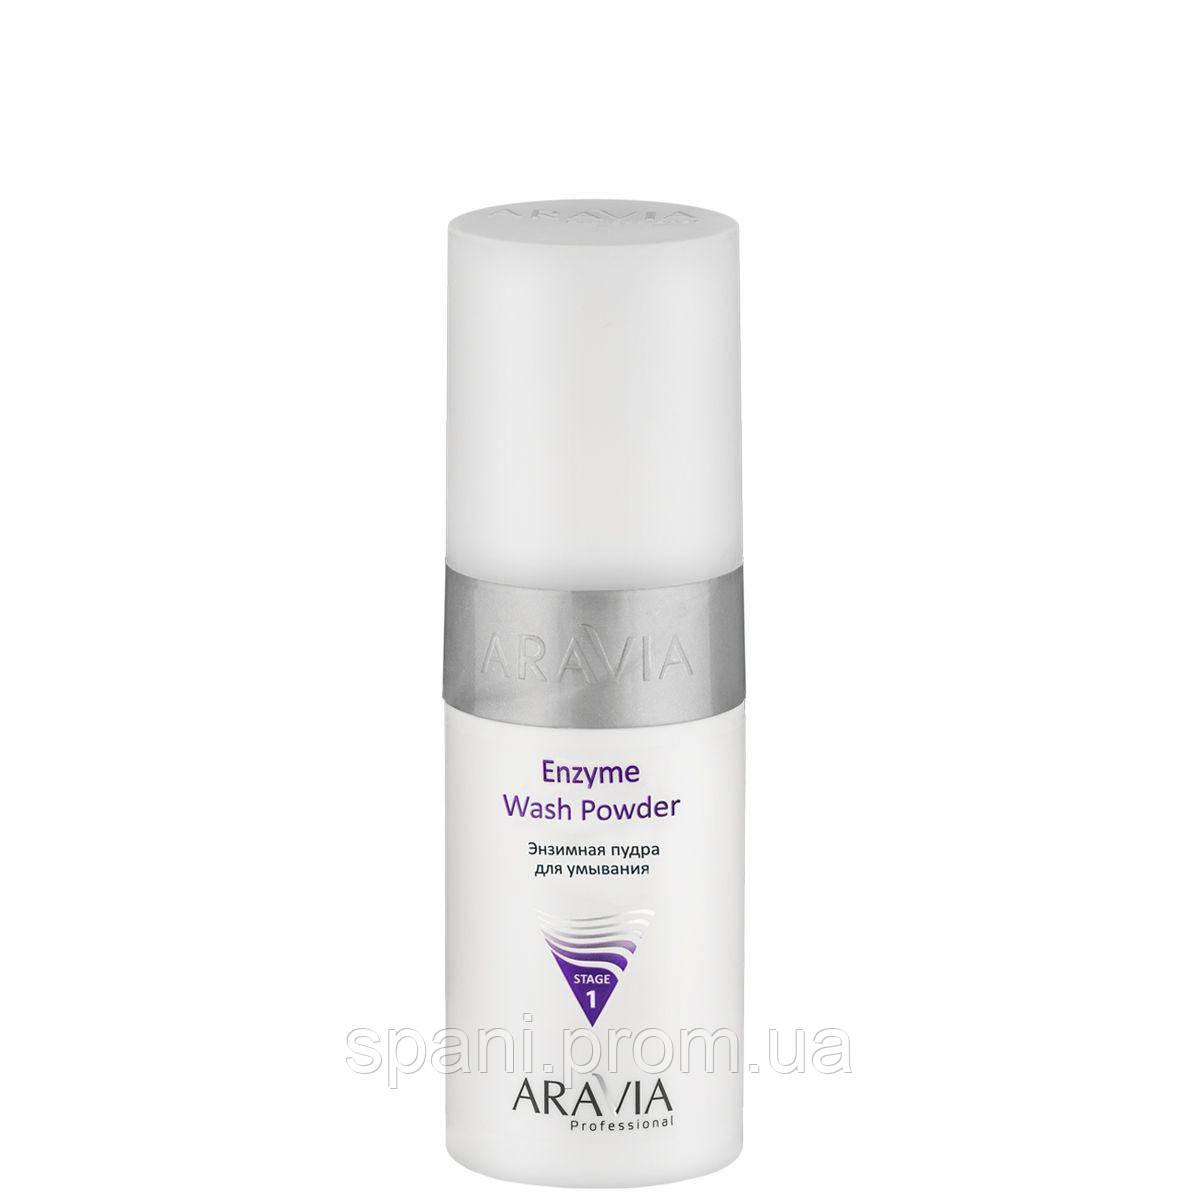 """""""ARAVIA Professional"""" Пудра энзимная для умывания Enzyme Wash Powder, 150 мл."""